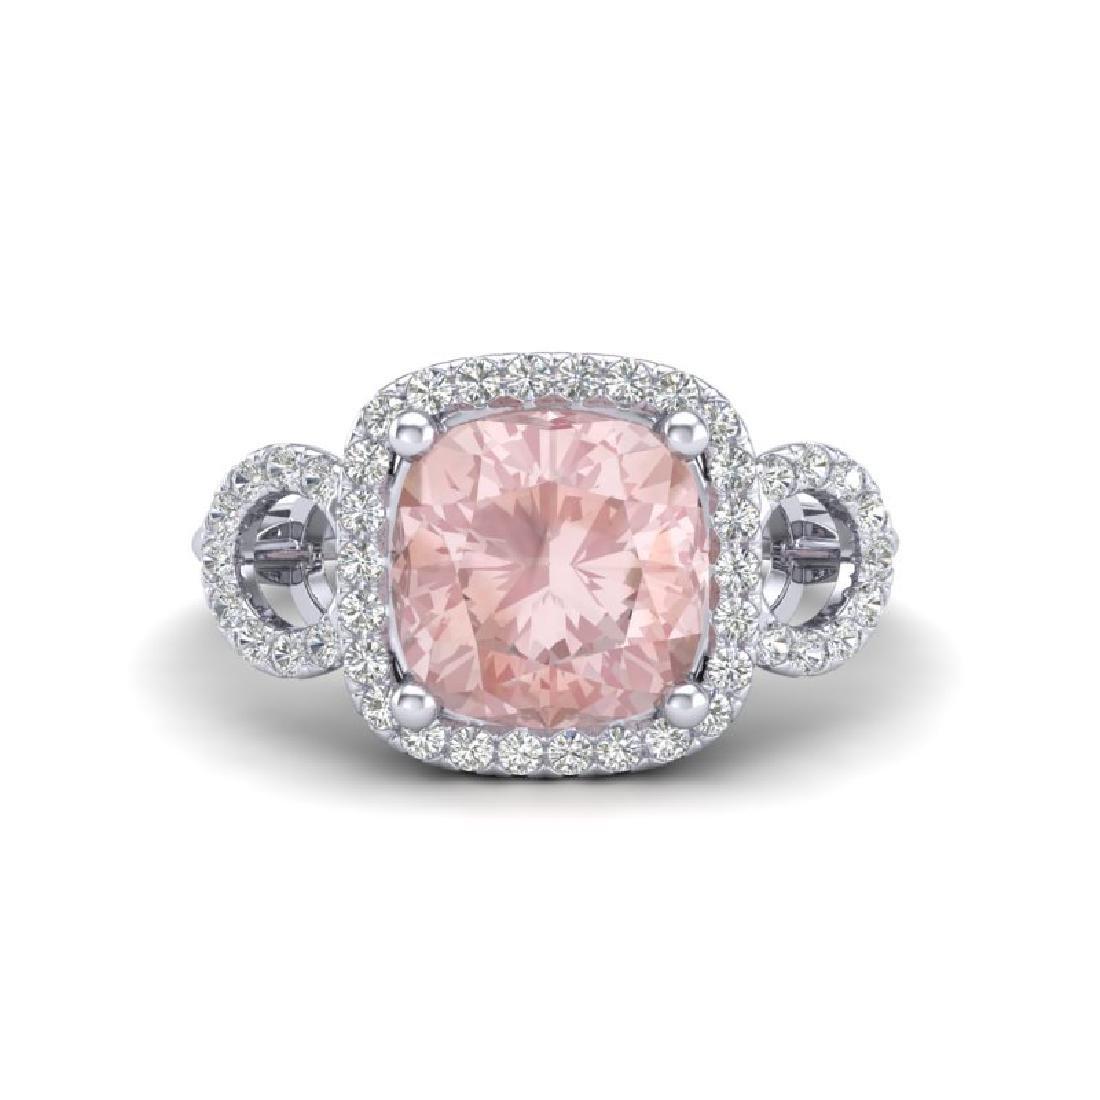 2.75 CTW Morganite & Micro VS/SI Diamond Ring 18K White